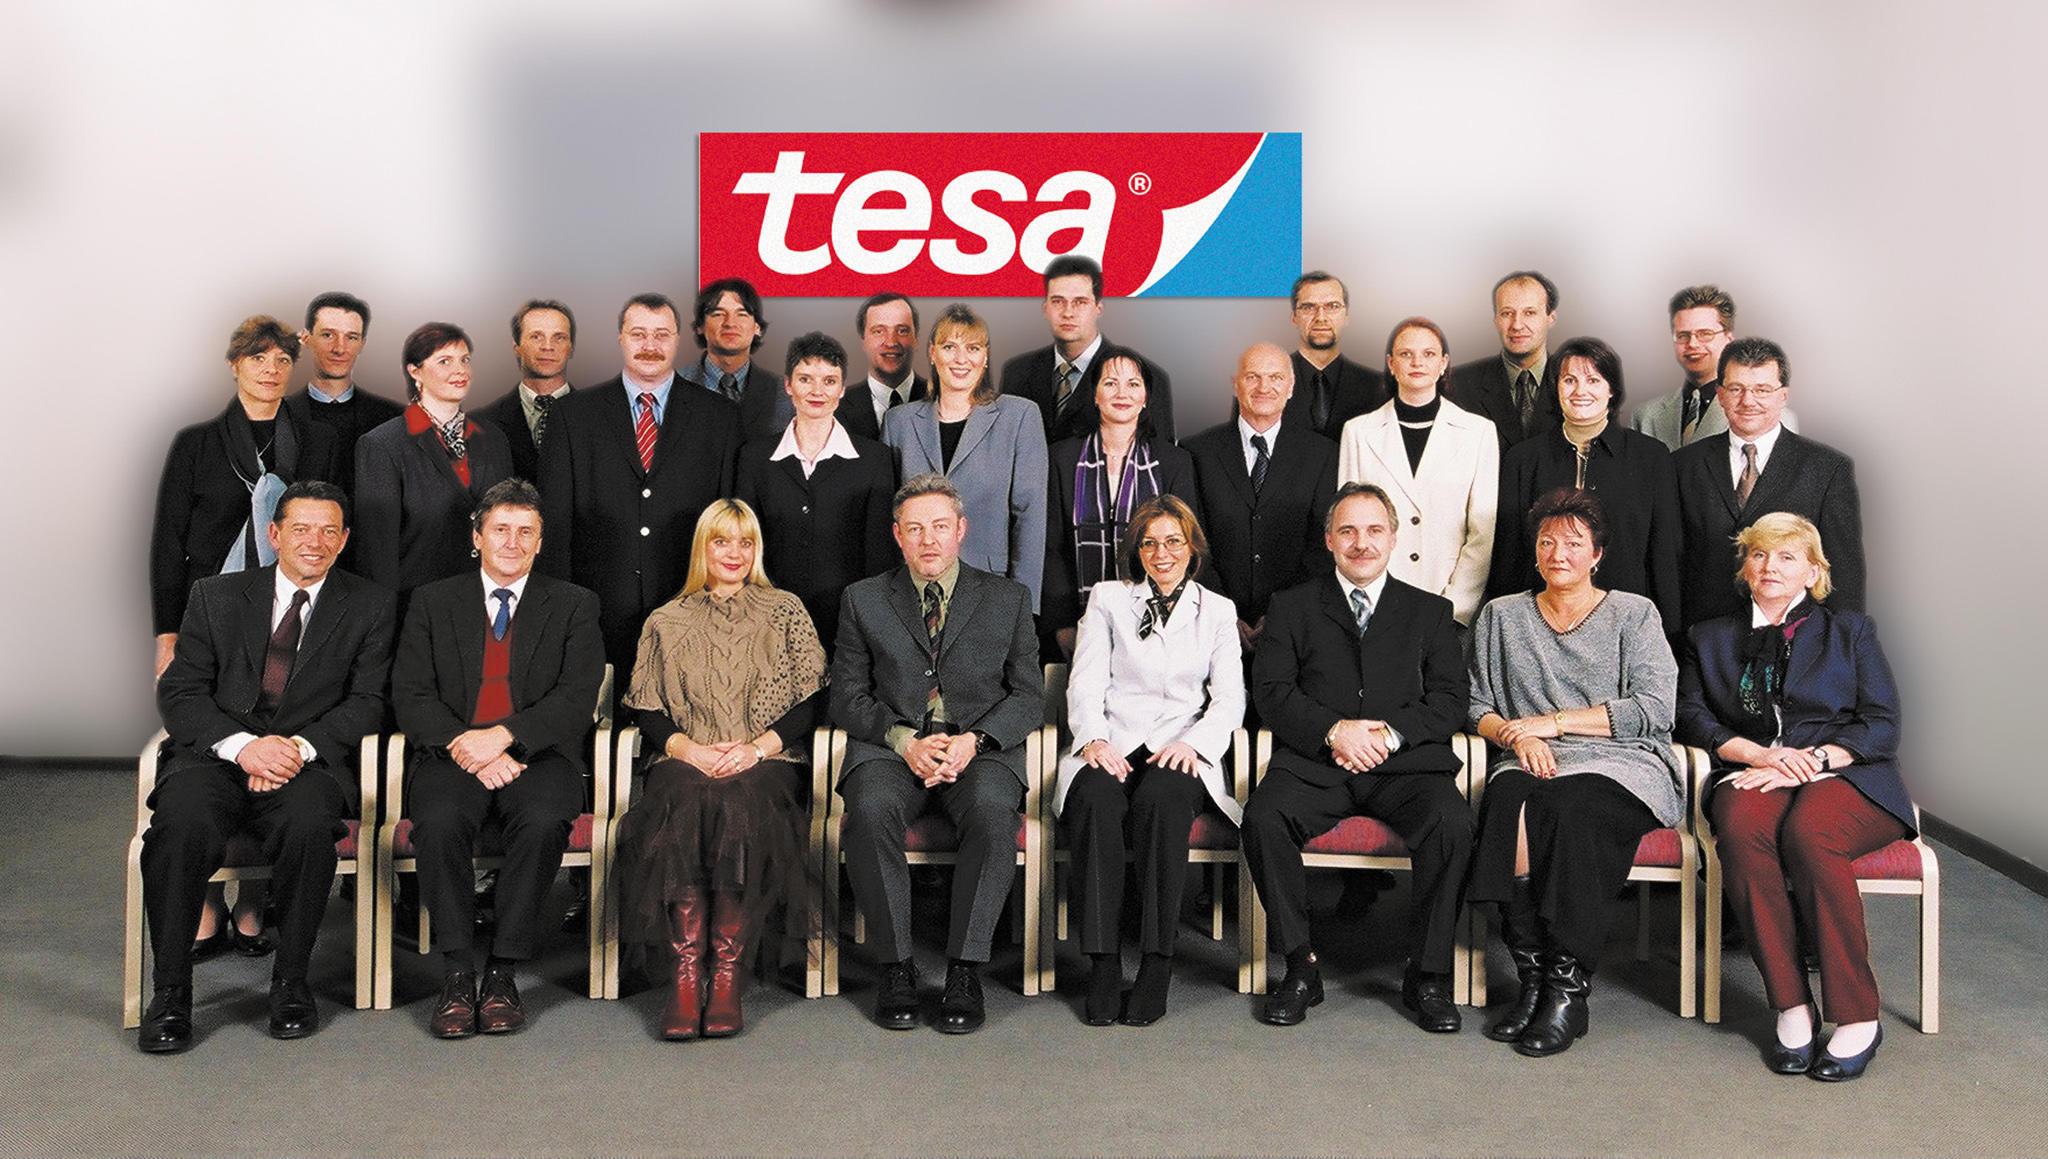 tesa aus dem hause beiersdorf wird zur tesa gmbh europaweite umstrukturierung der beiersdorf. Black Bedroom Furniture Sets. Home Design Ideas